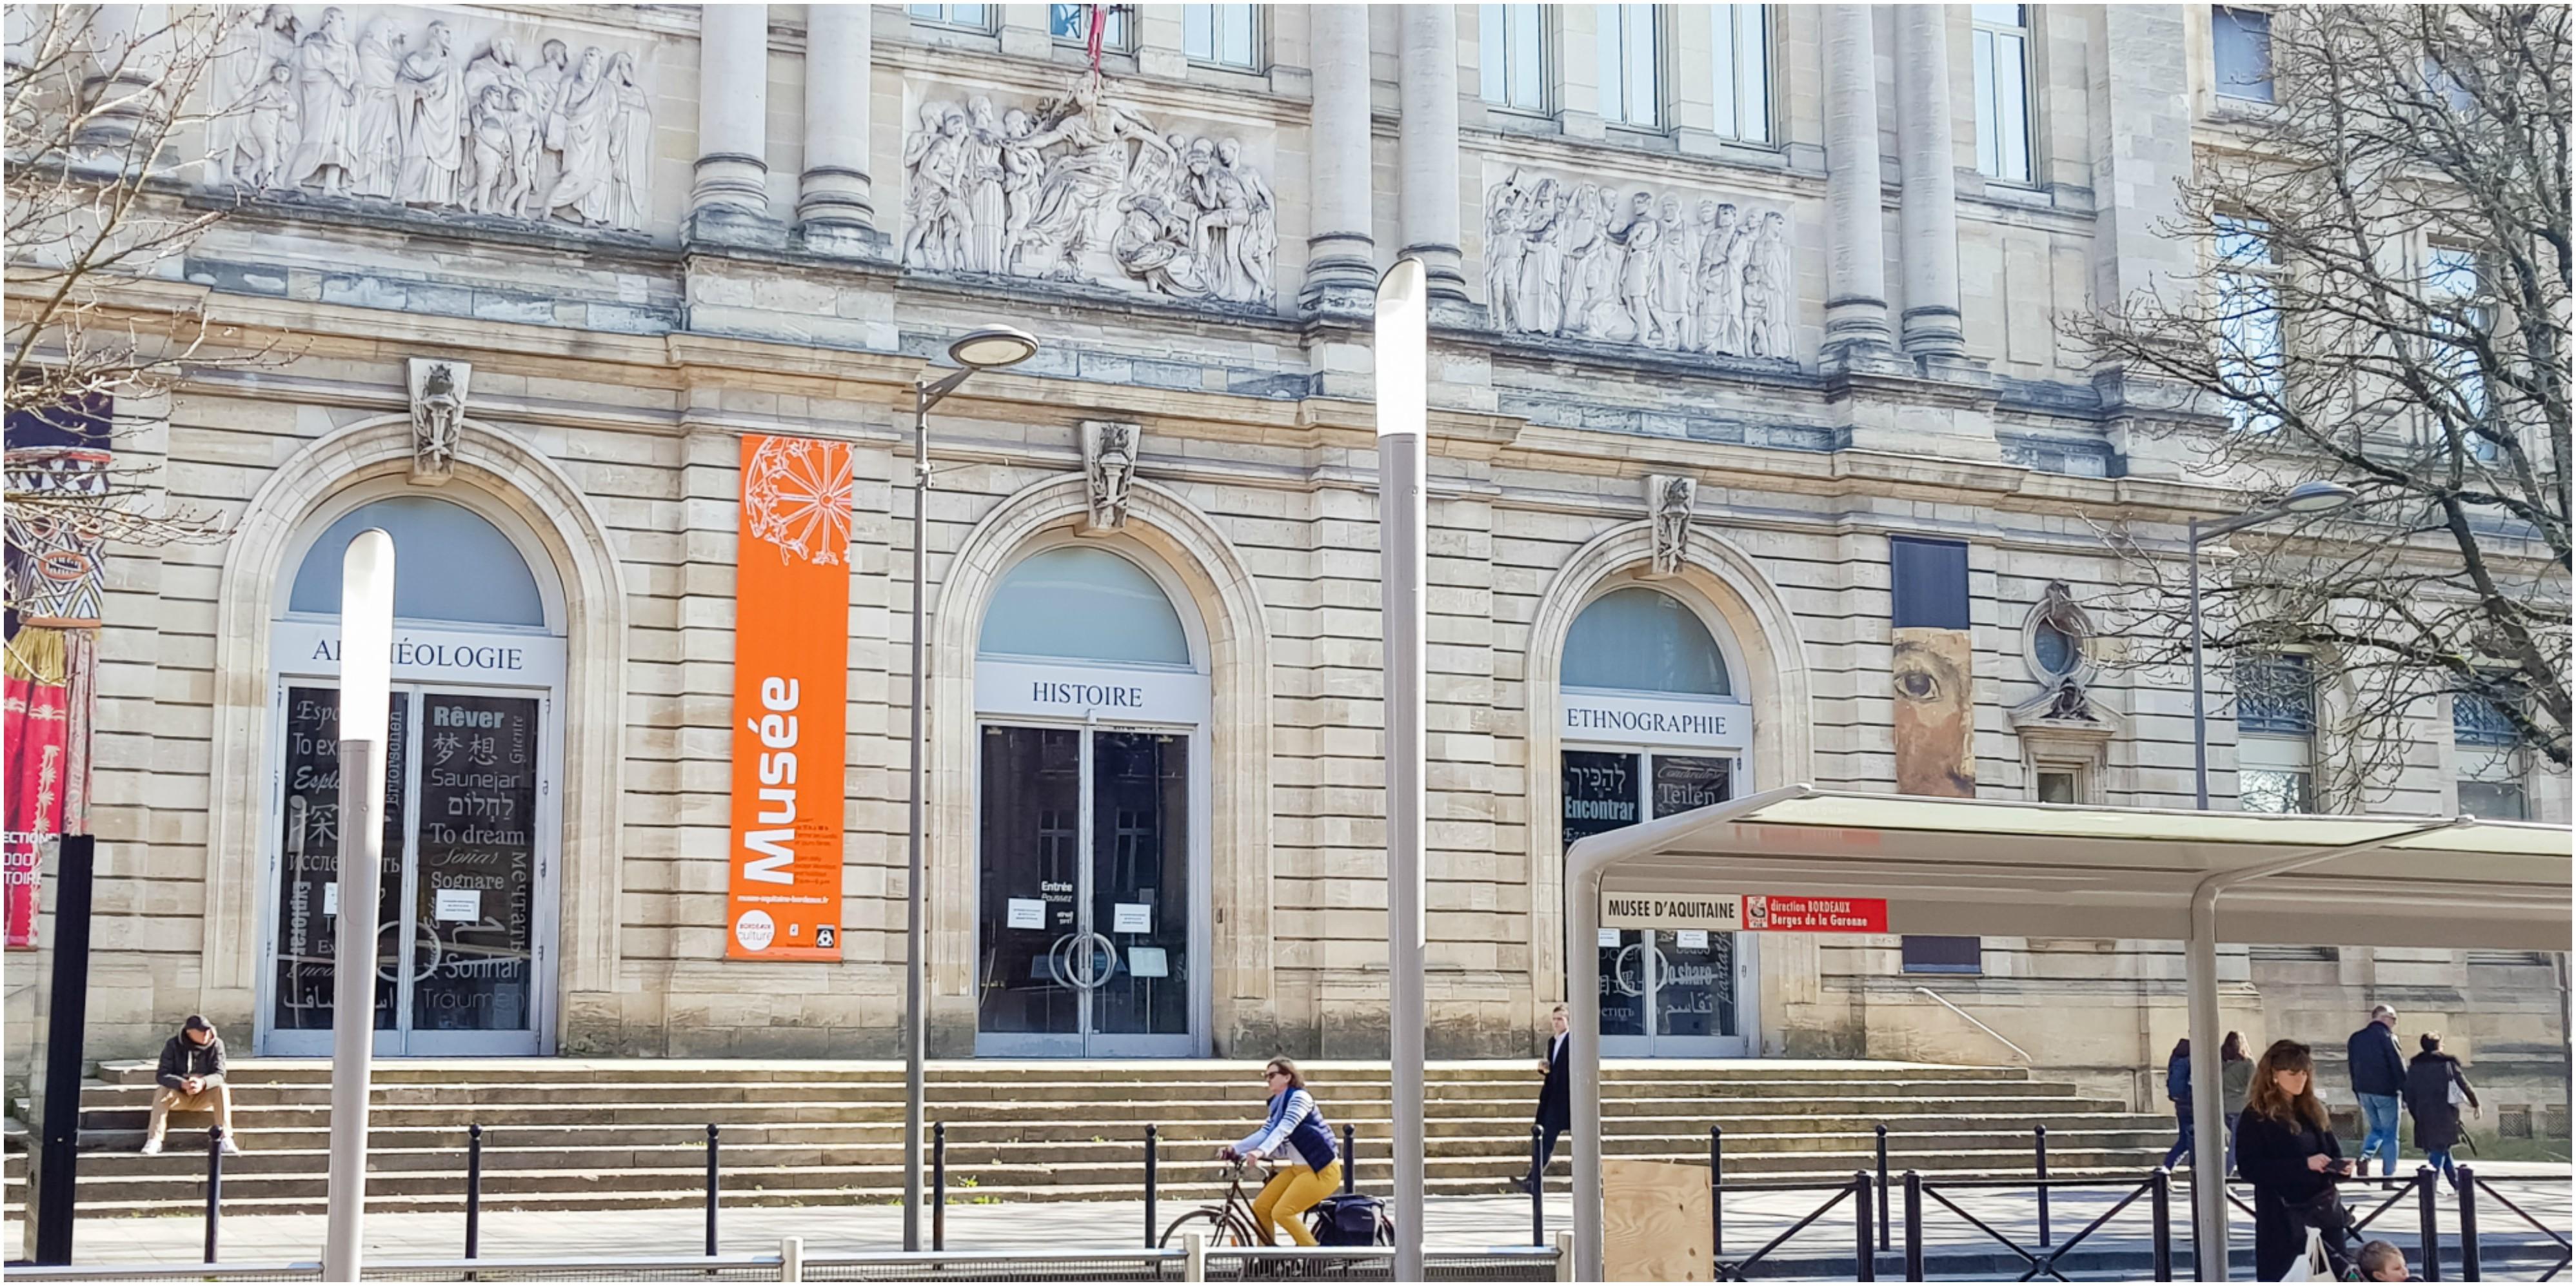 musée-d-aquitaine-bordeaux-blog-bordelaise-by-mimi